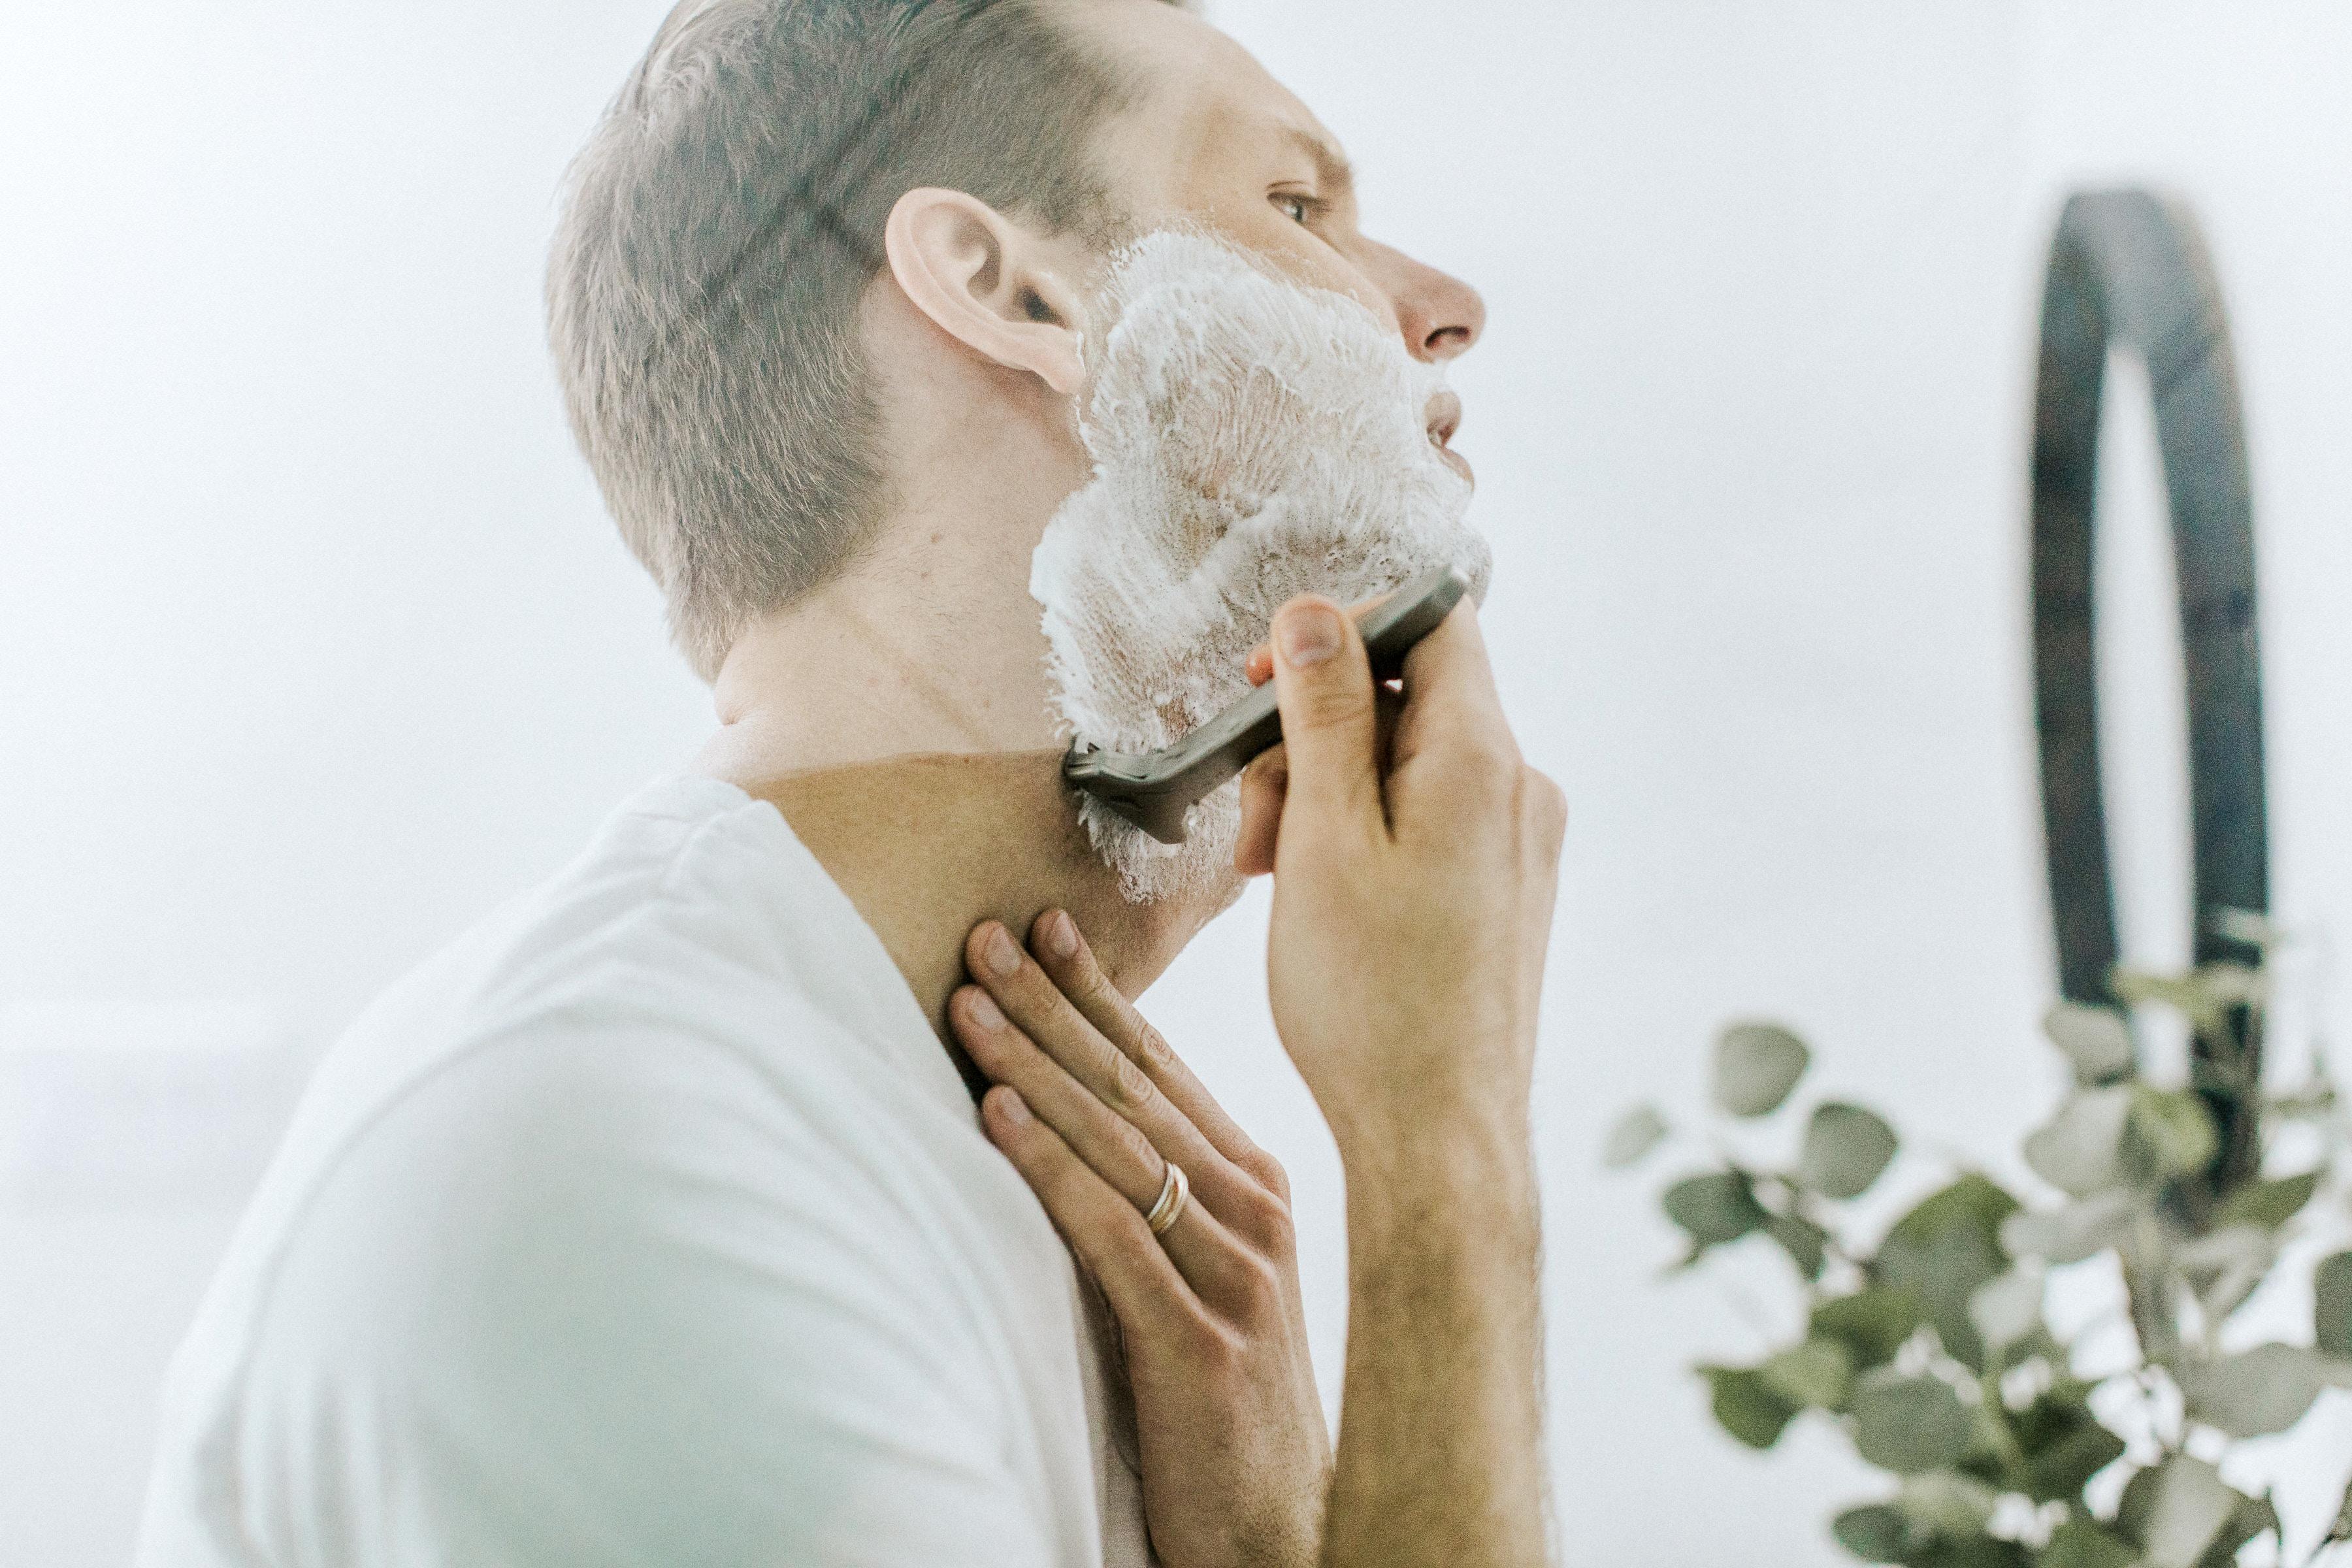 routine beaute homme, cosmetiques vegan homme, prendre soin de sa peau homme, skincare homme, vegan homme, beaute vegan homme, deodorant homme